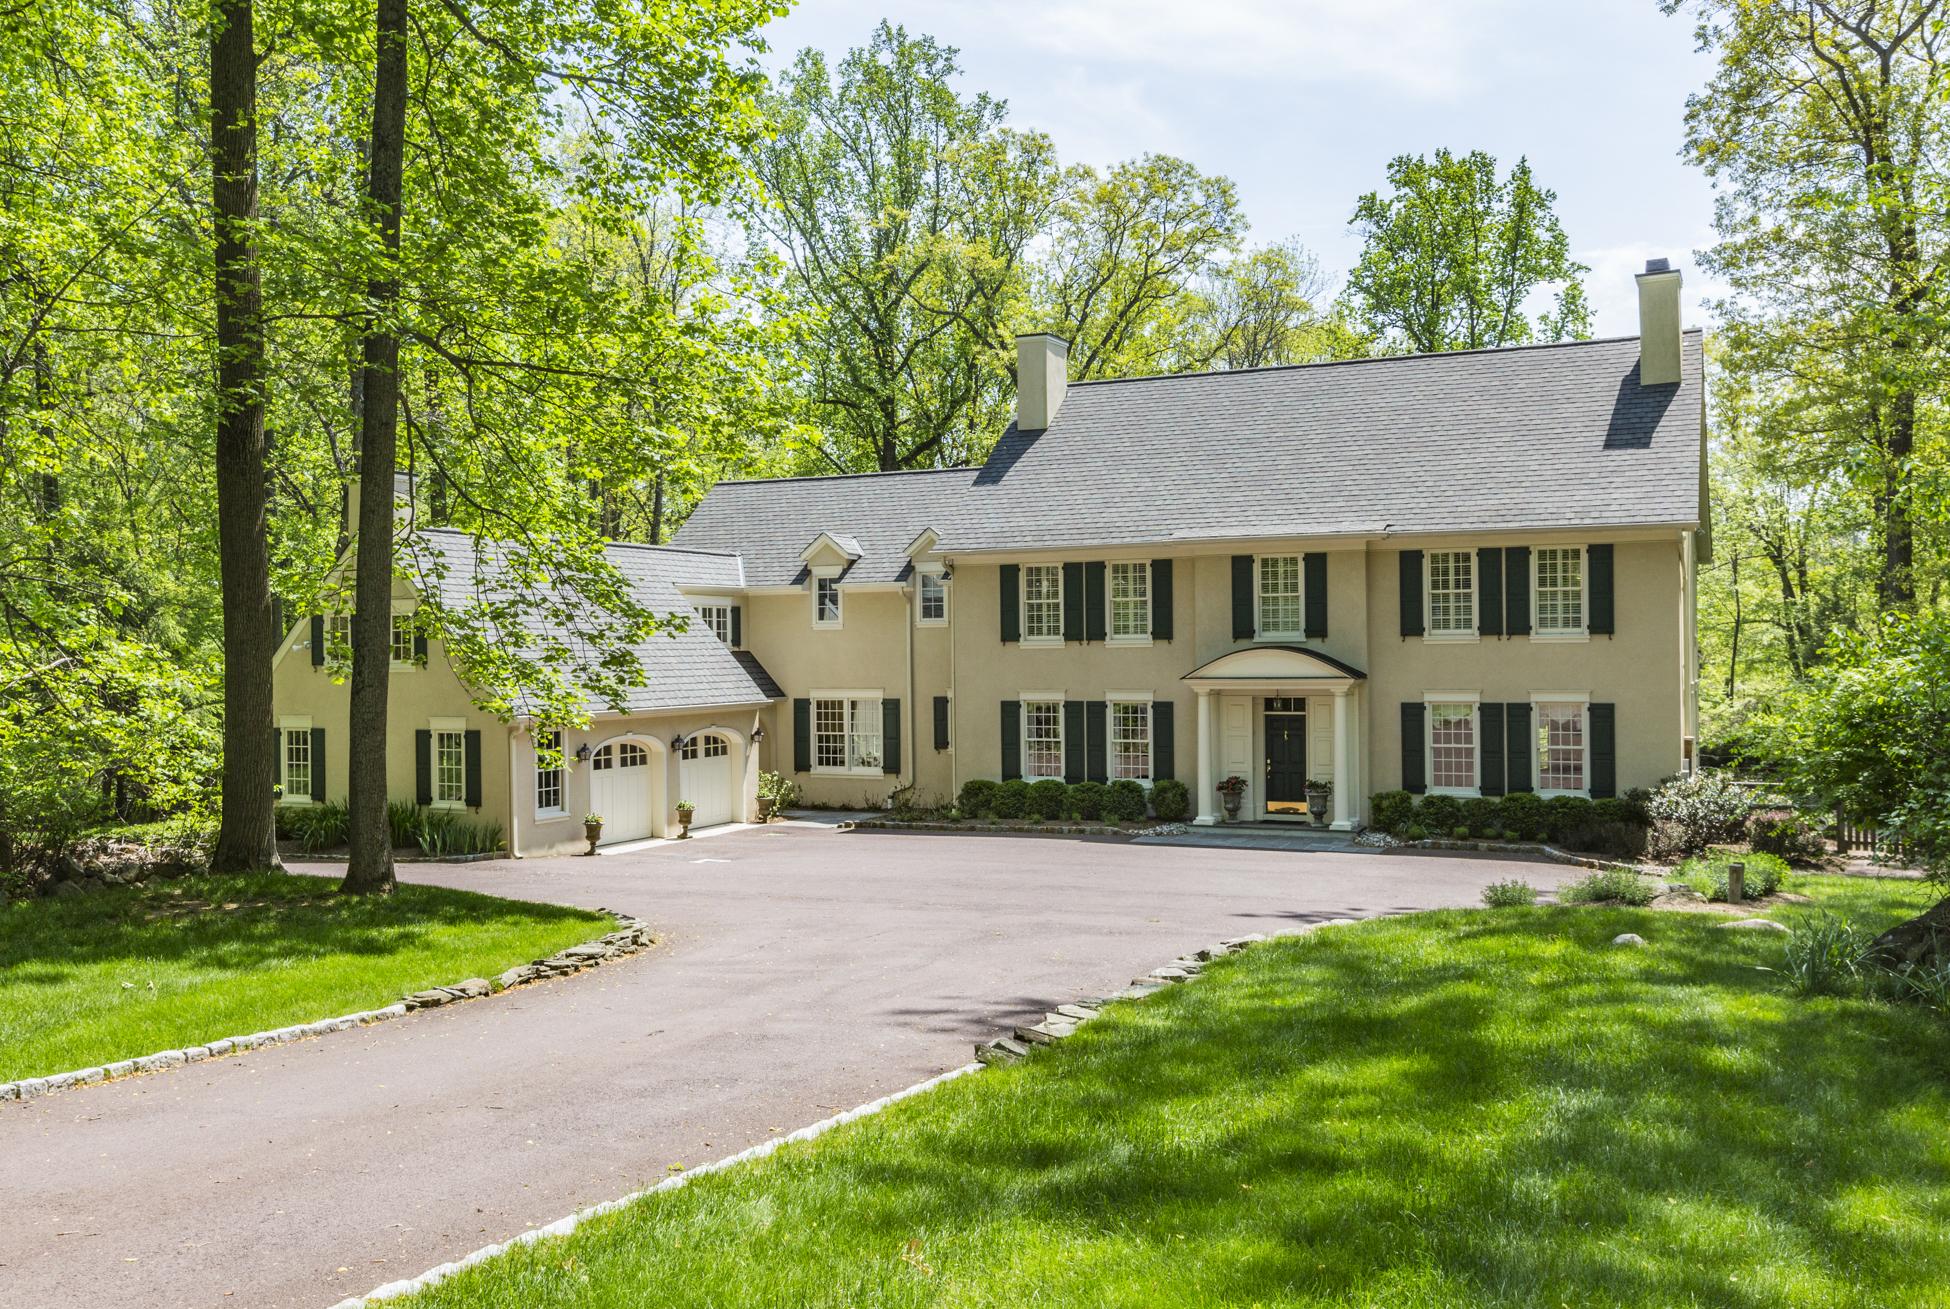 Maison unifamiliale pour l Vente à Refined and Graceful Amid Lush Privacy 33 Bogart Court Princeton, New Jersey, 08540 États-Unis